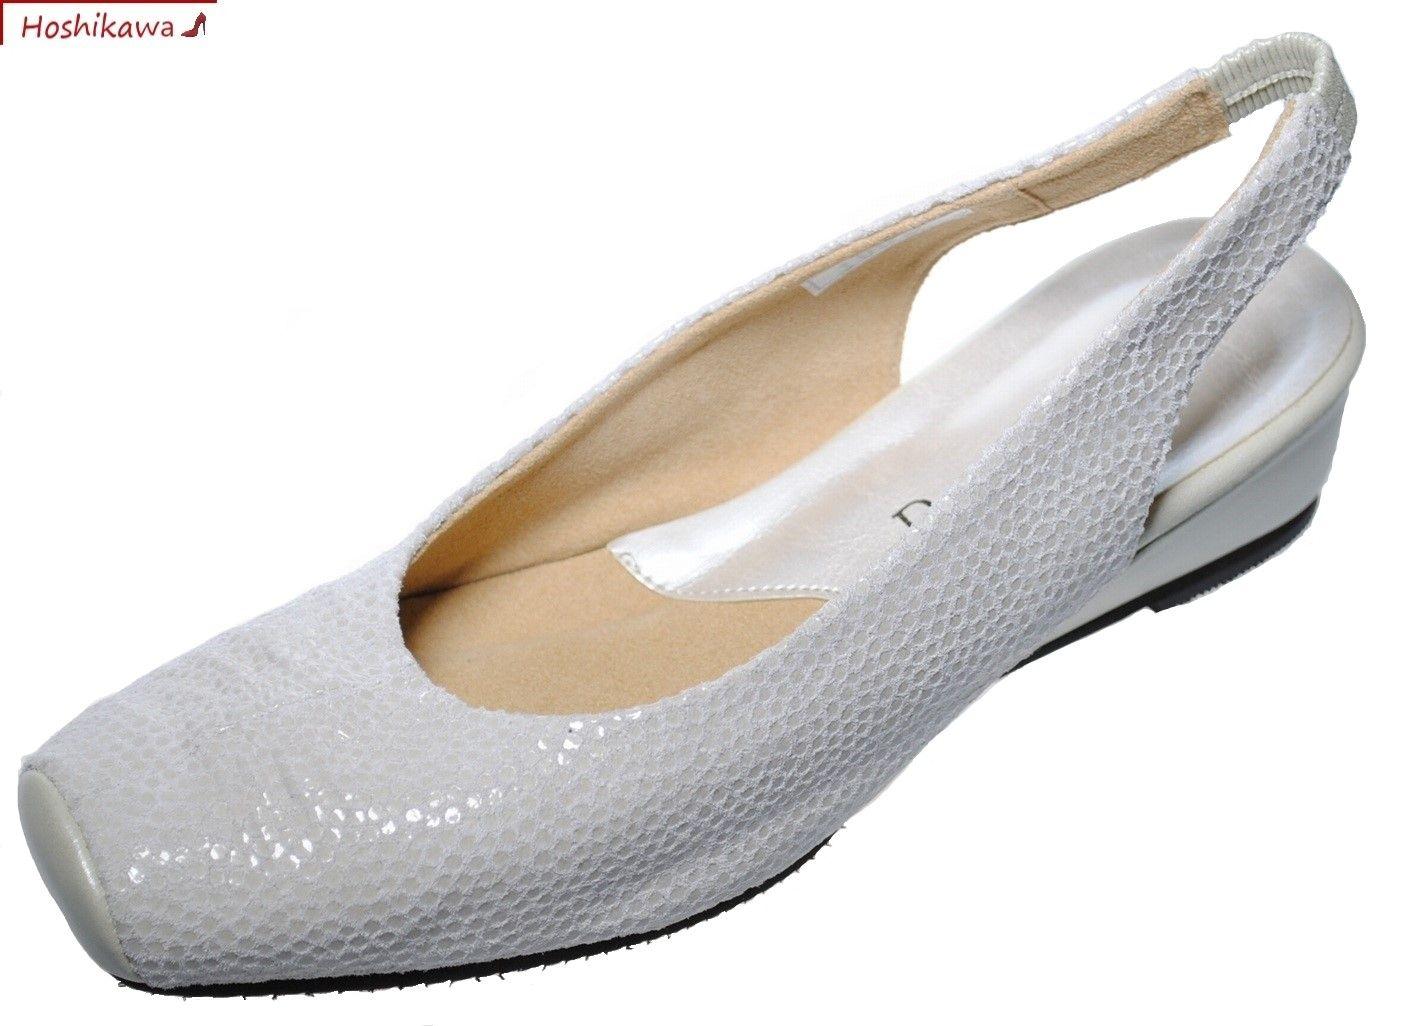 【靴のHOSHIKAWA】 『DONA MISS 4009』21cm~25cm